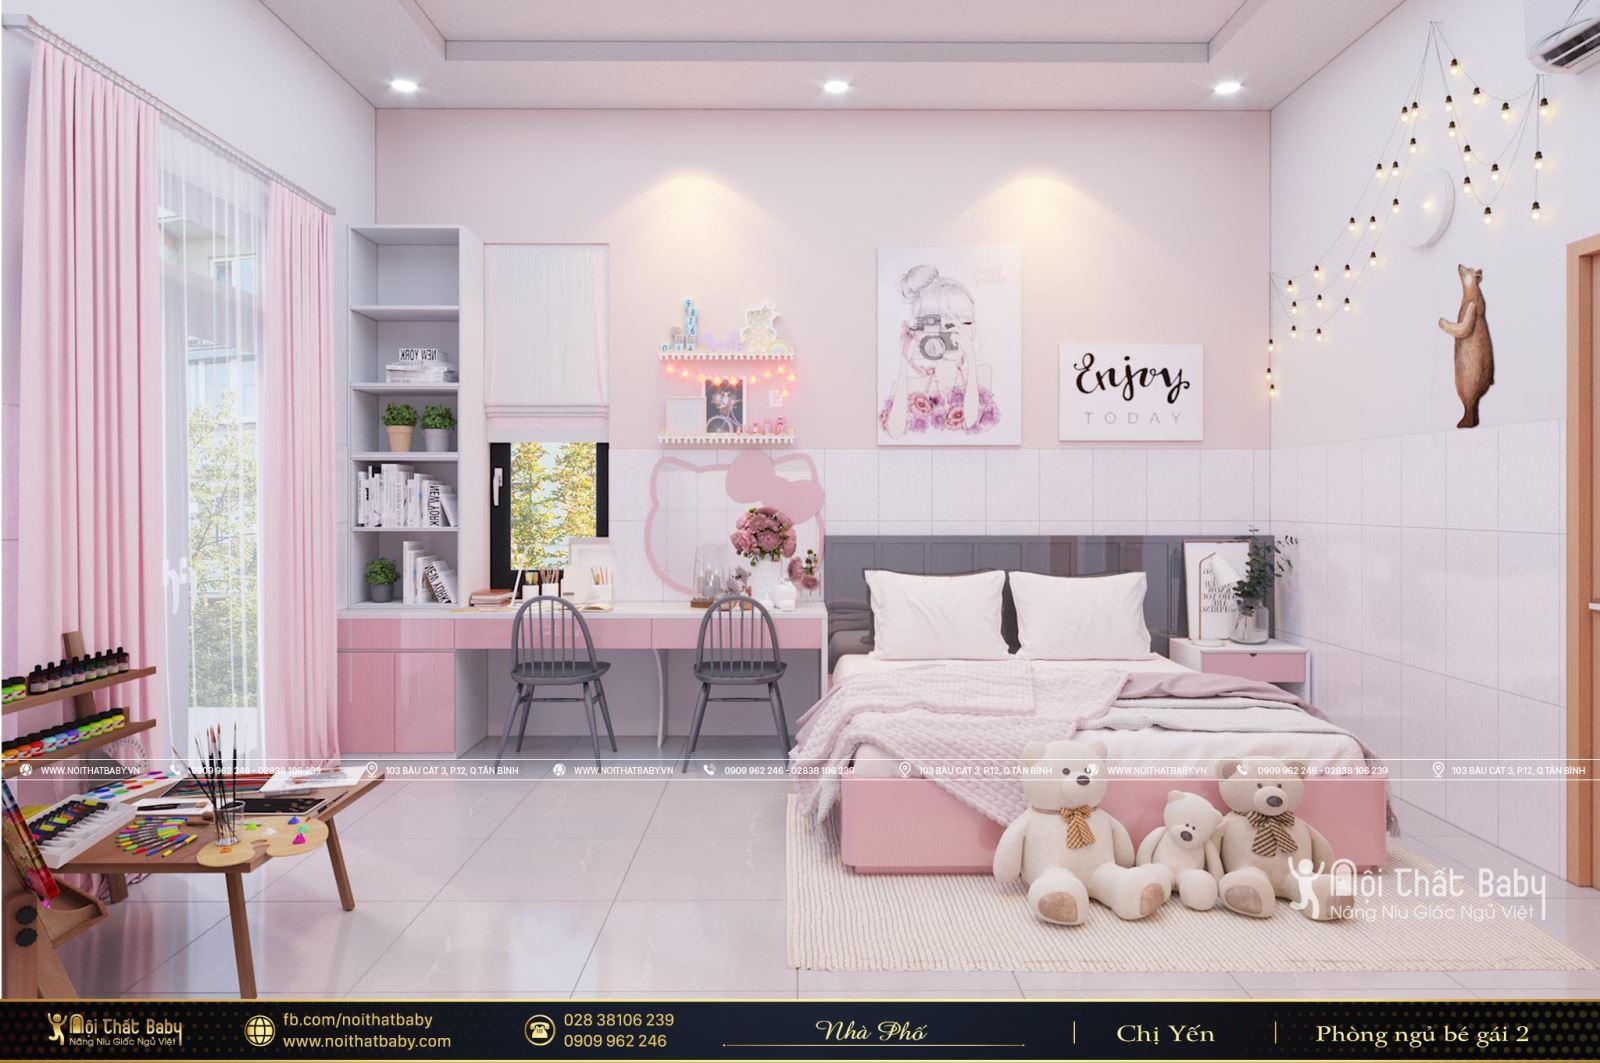 Thiết kế nội thất phòng ngủ bé gái đẹp, hiện đại